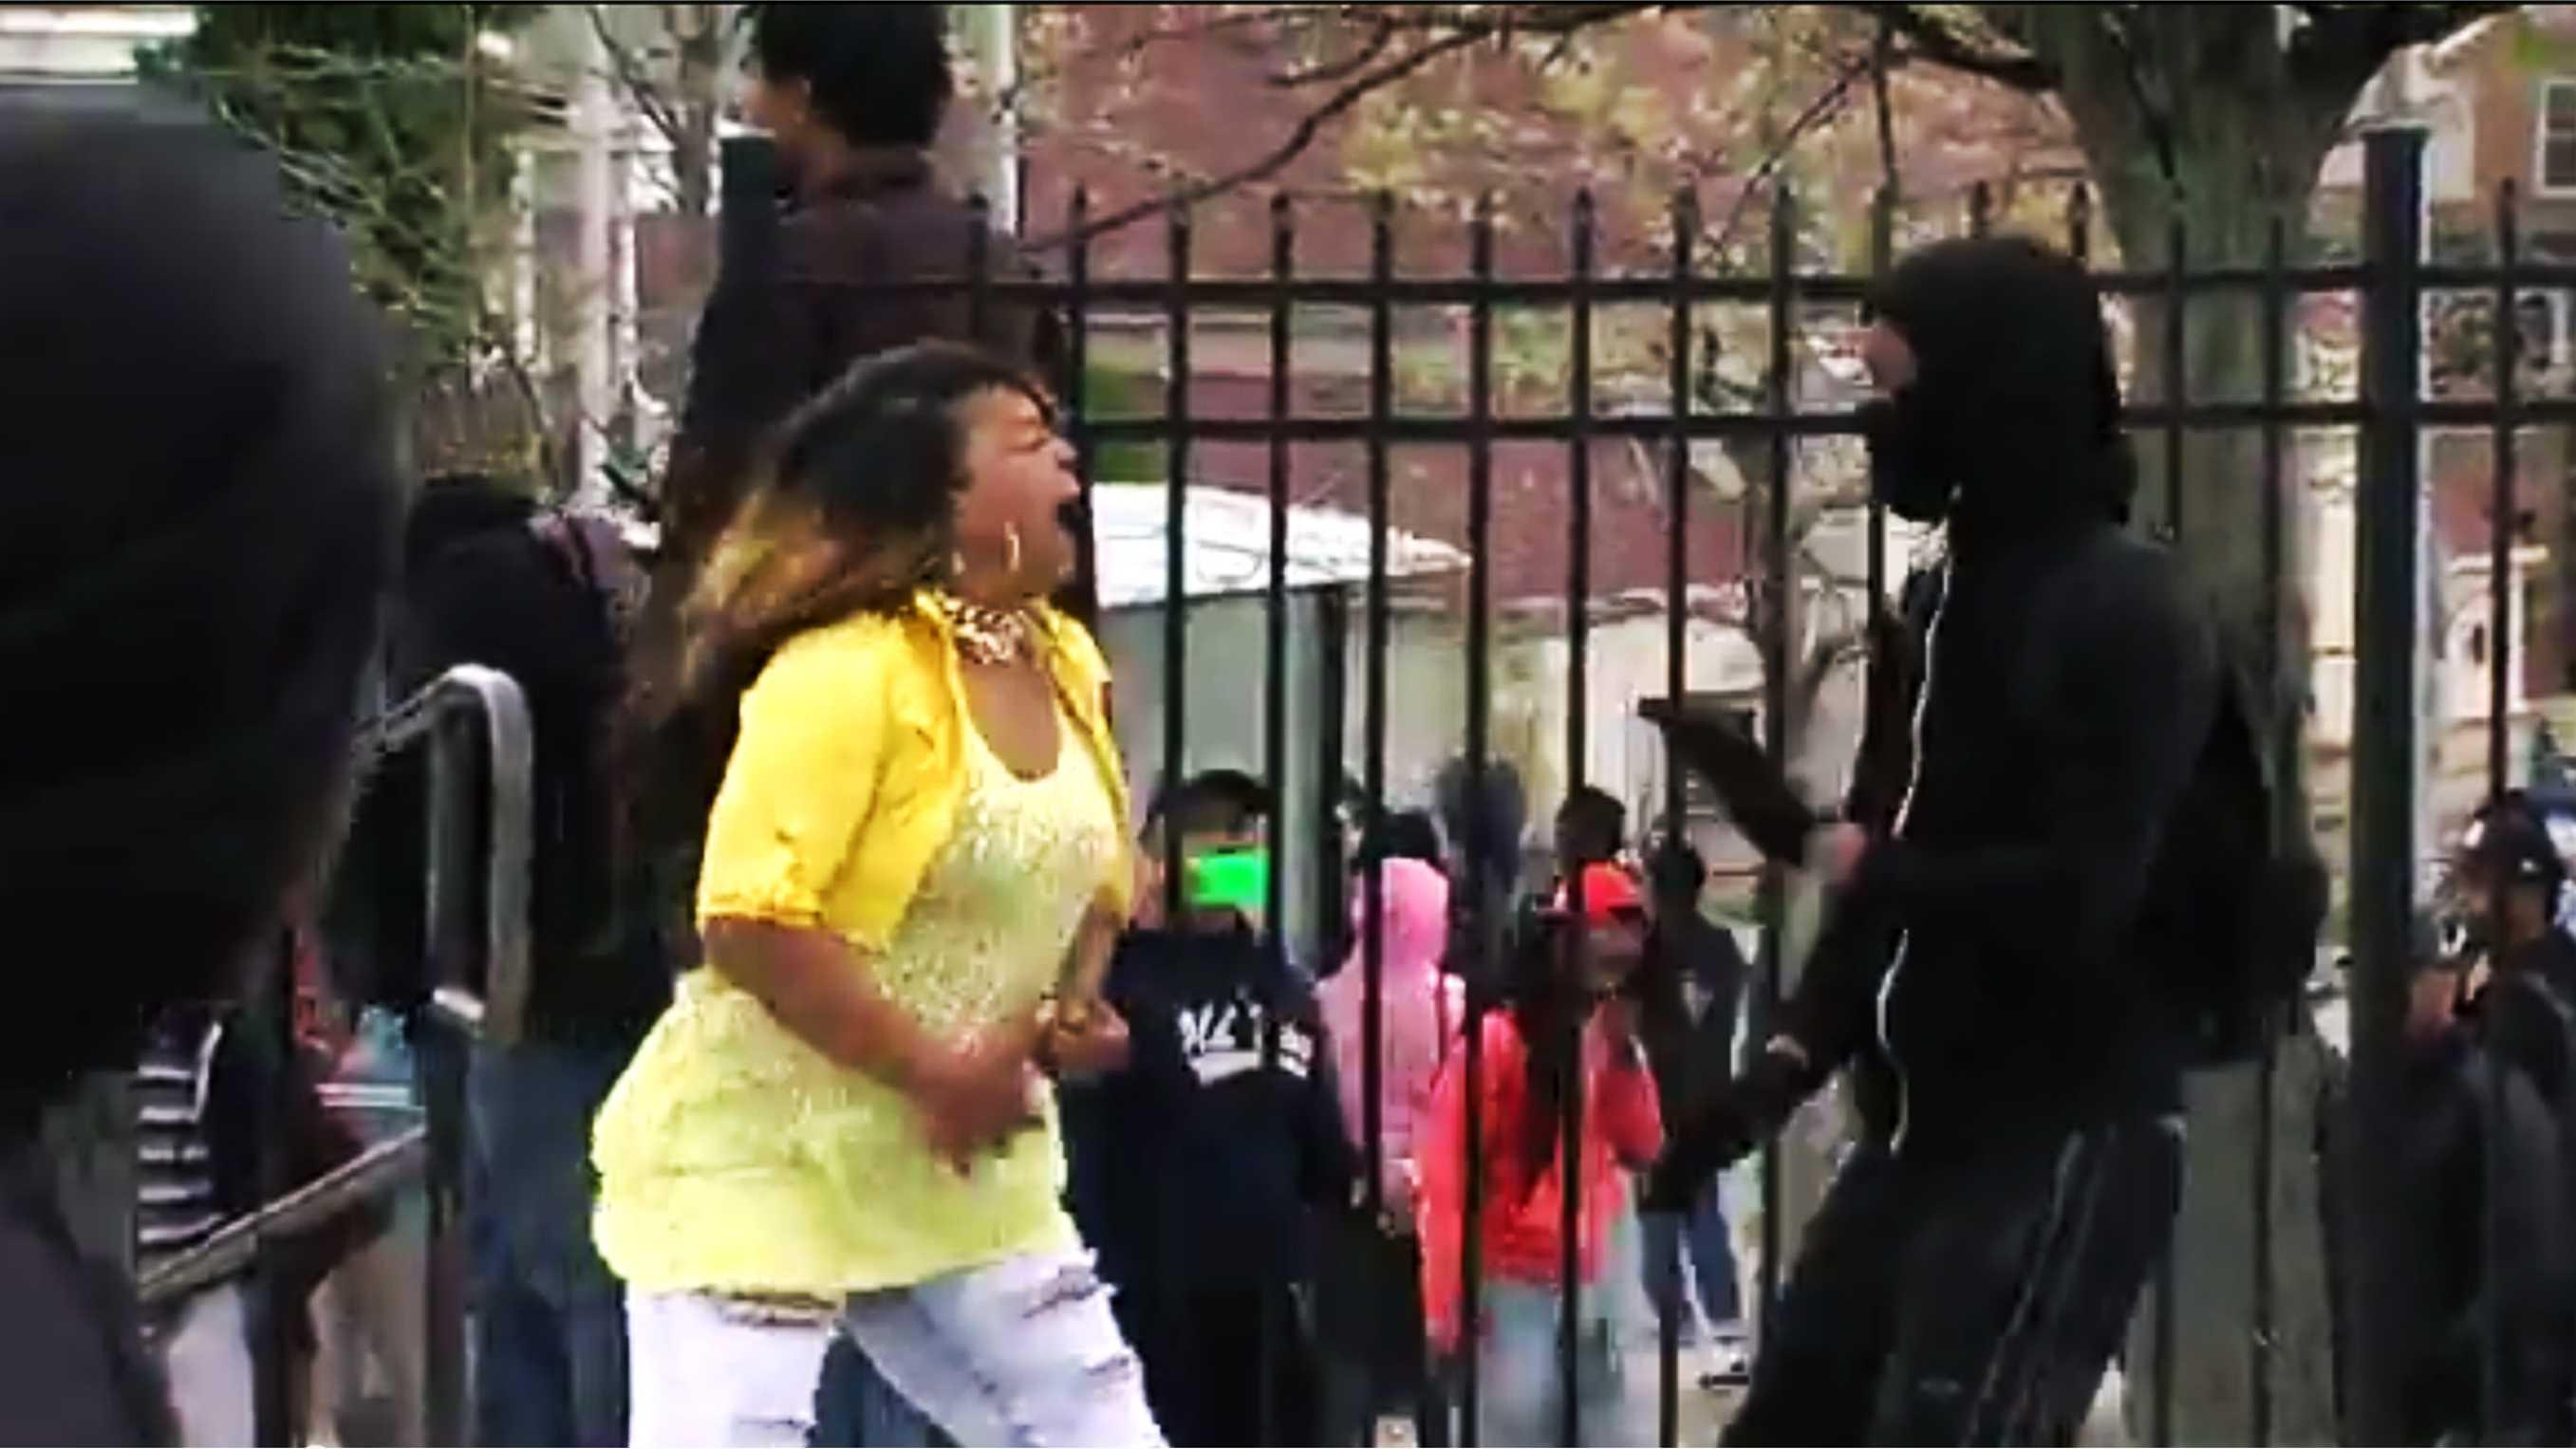 Furious Baltimore mother